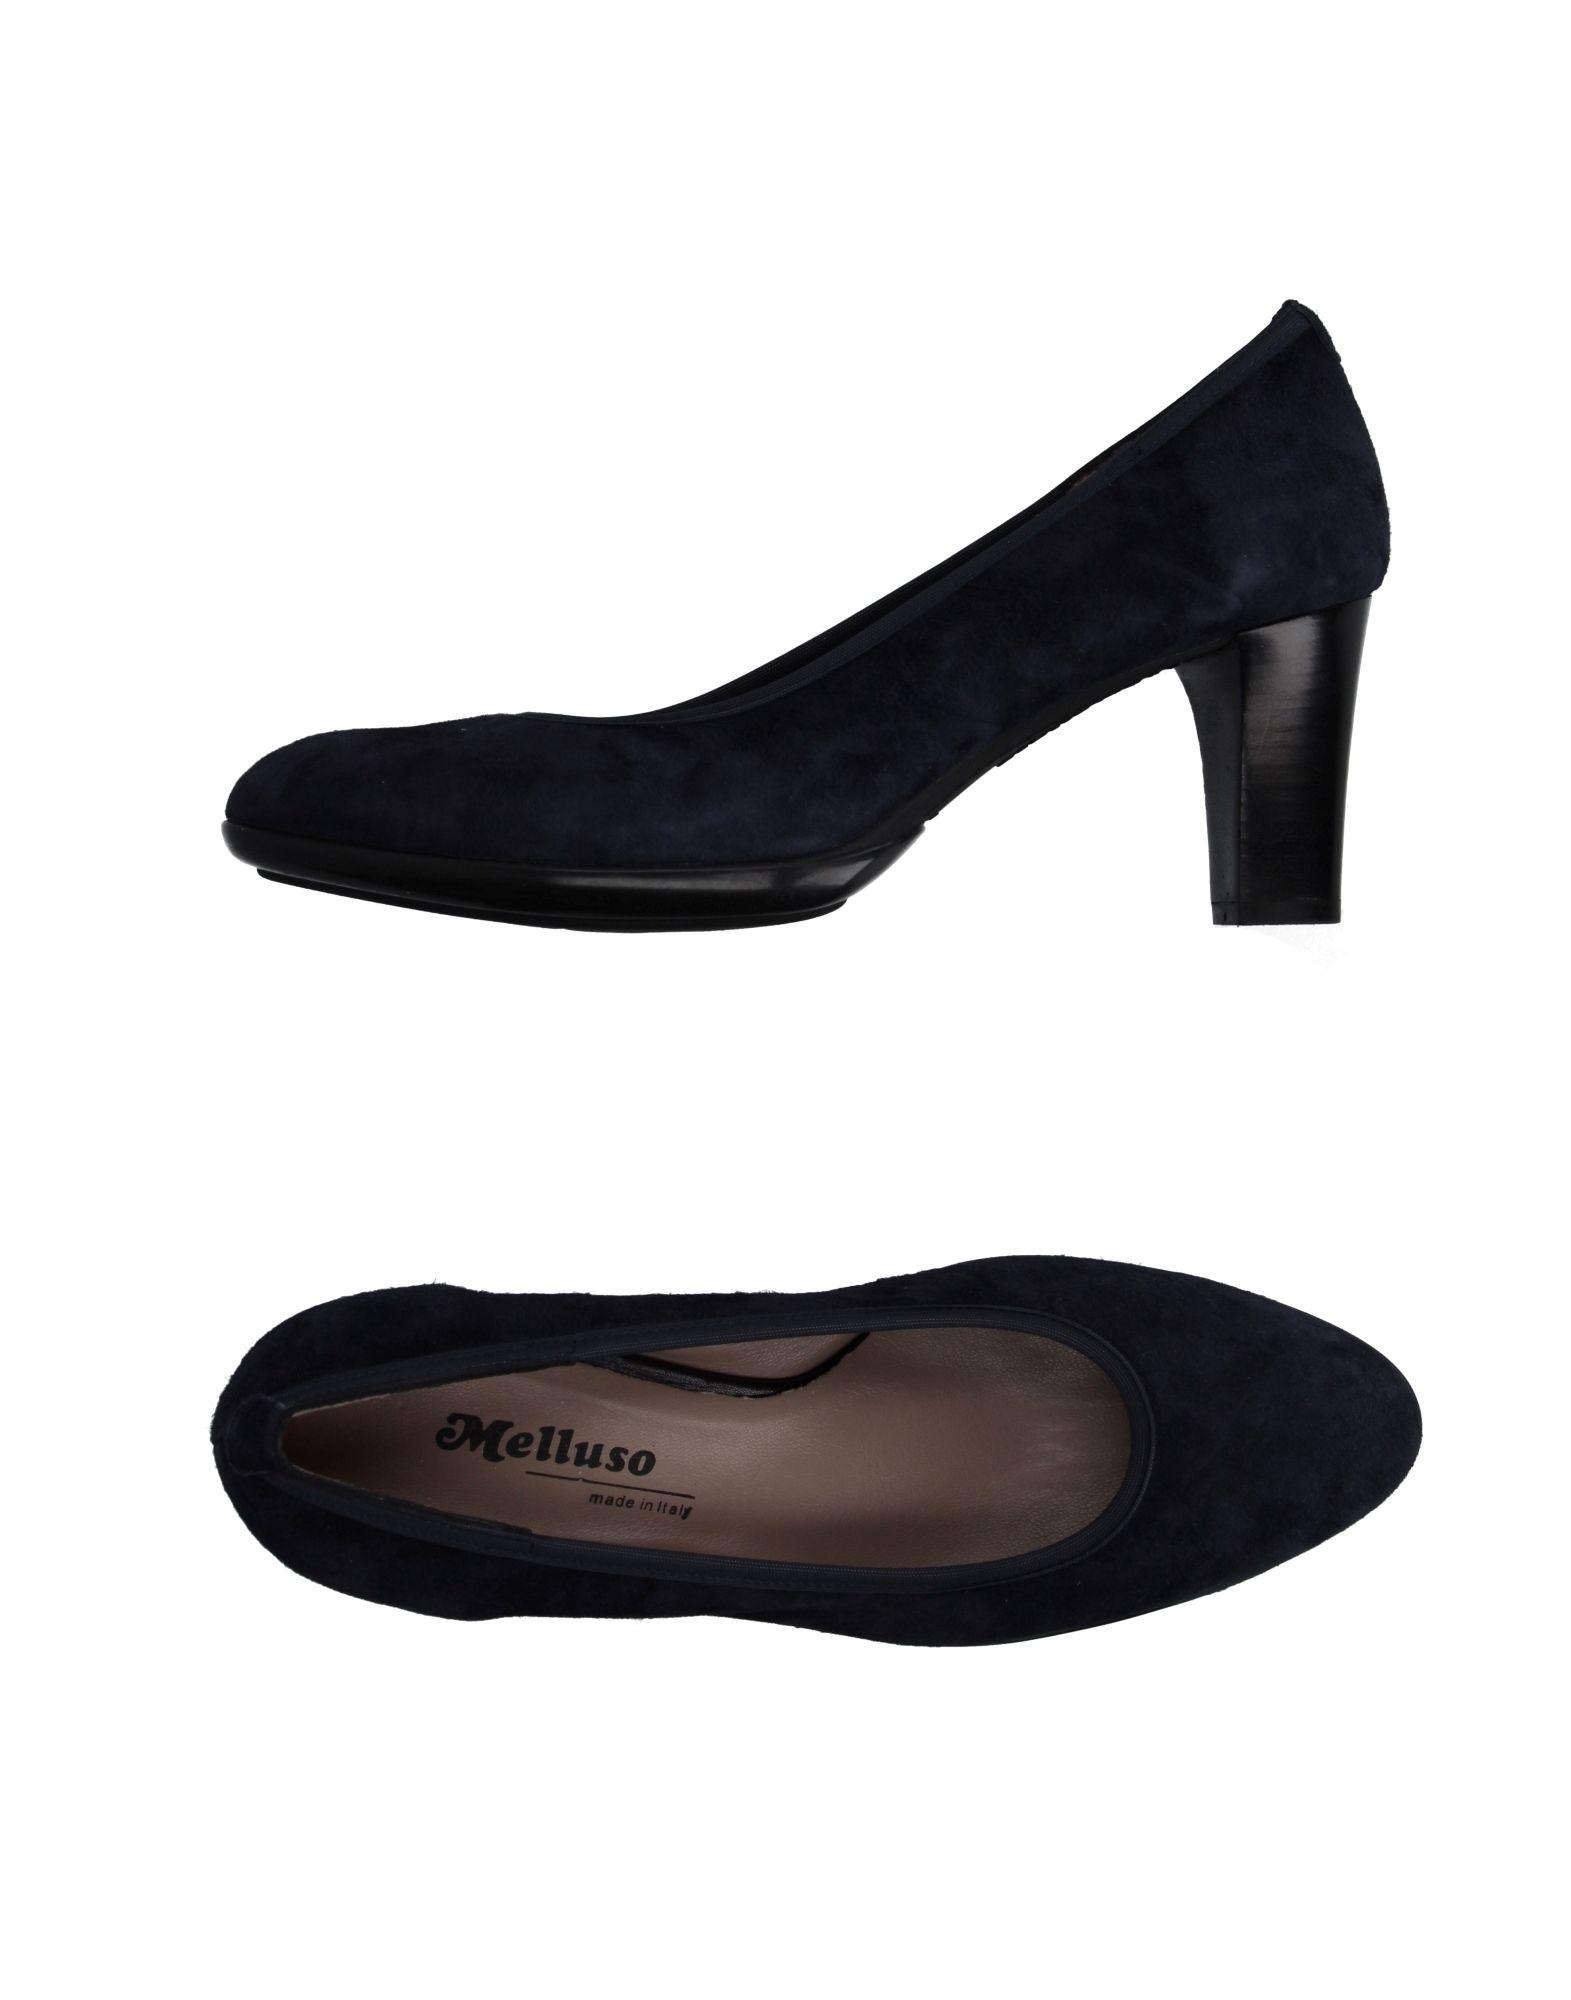 Melluso Pumps Damen beliebte  11055707AR Gute Qualität beliebte Damen Schuhe 494364